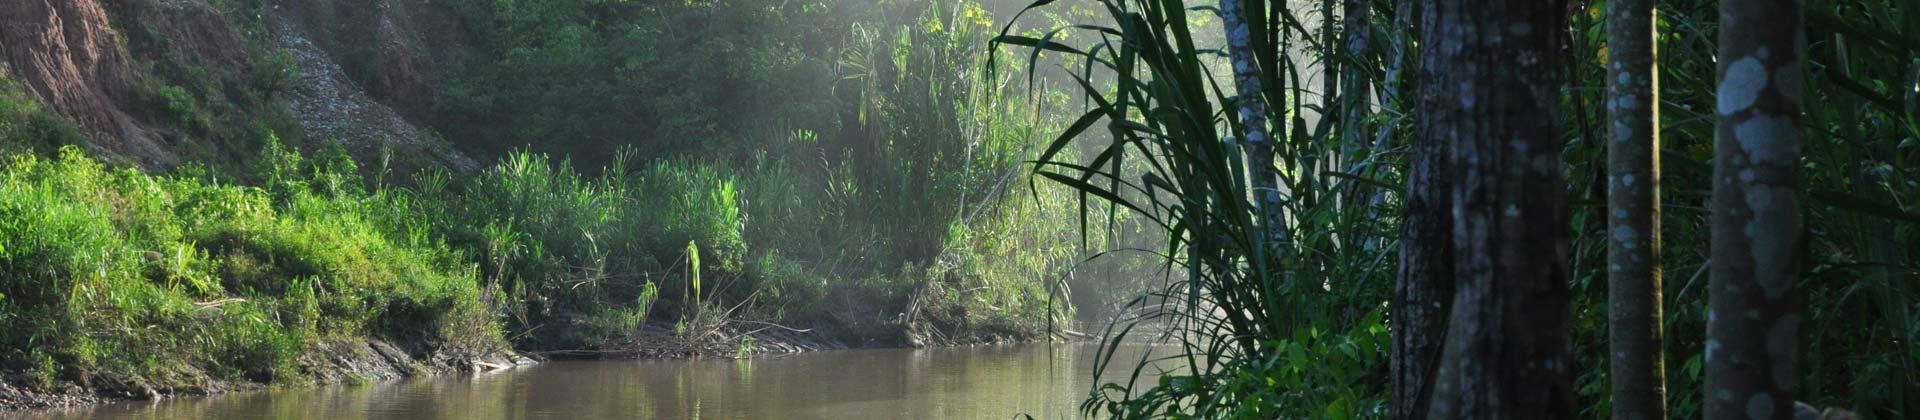 Amazonasgebiet Peru